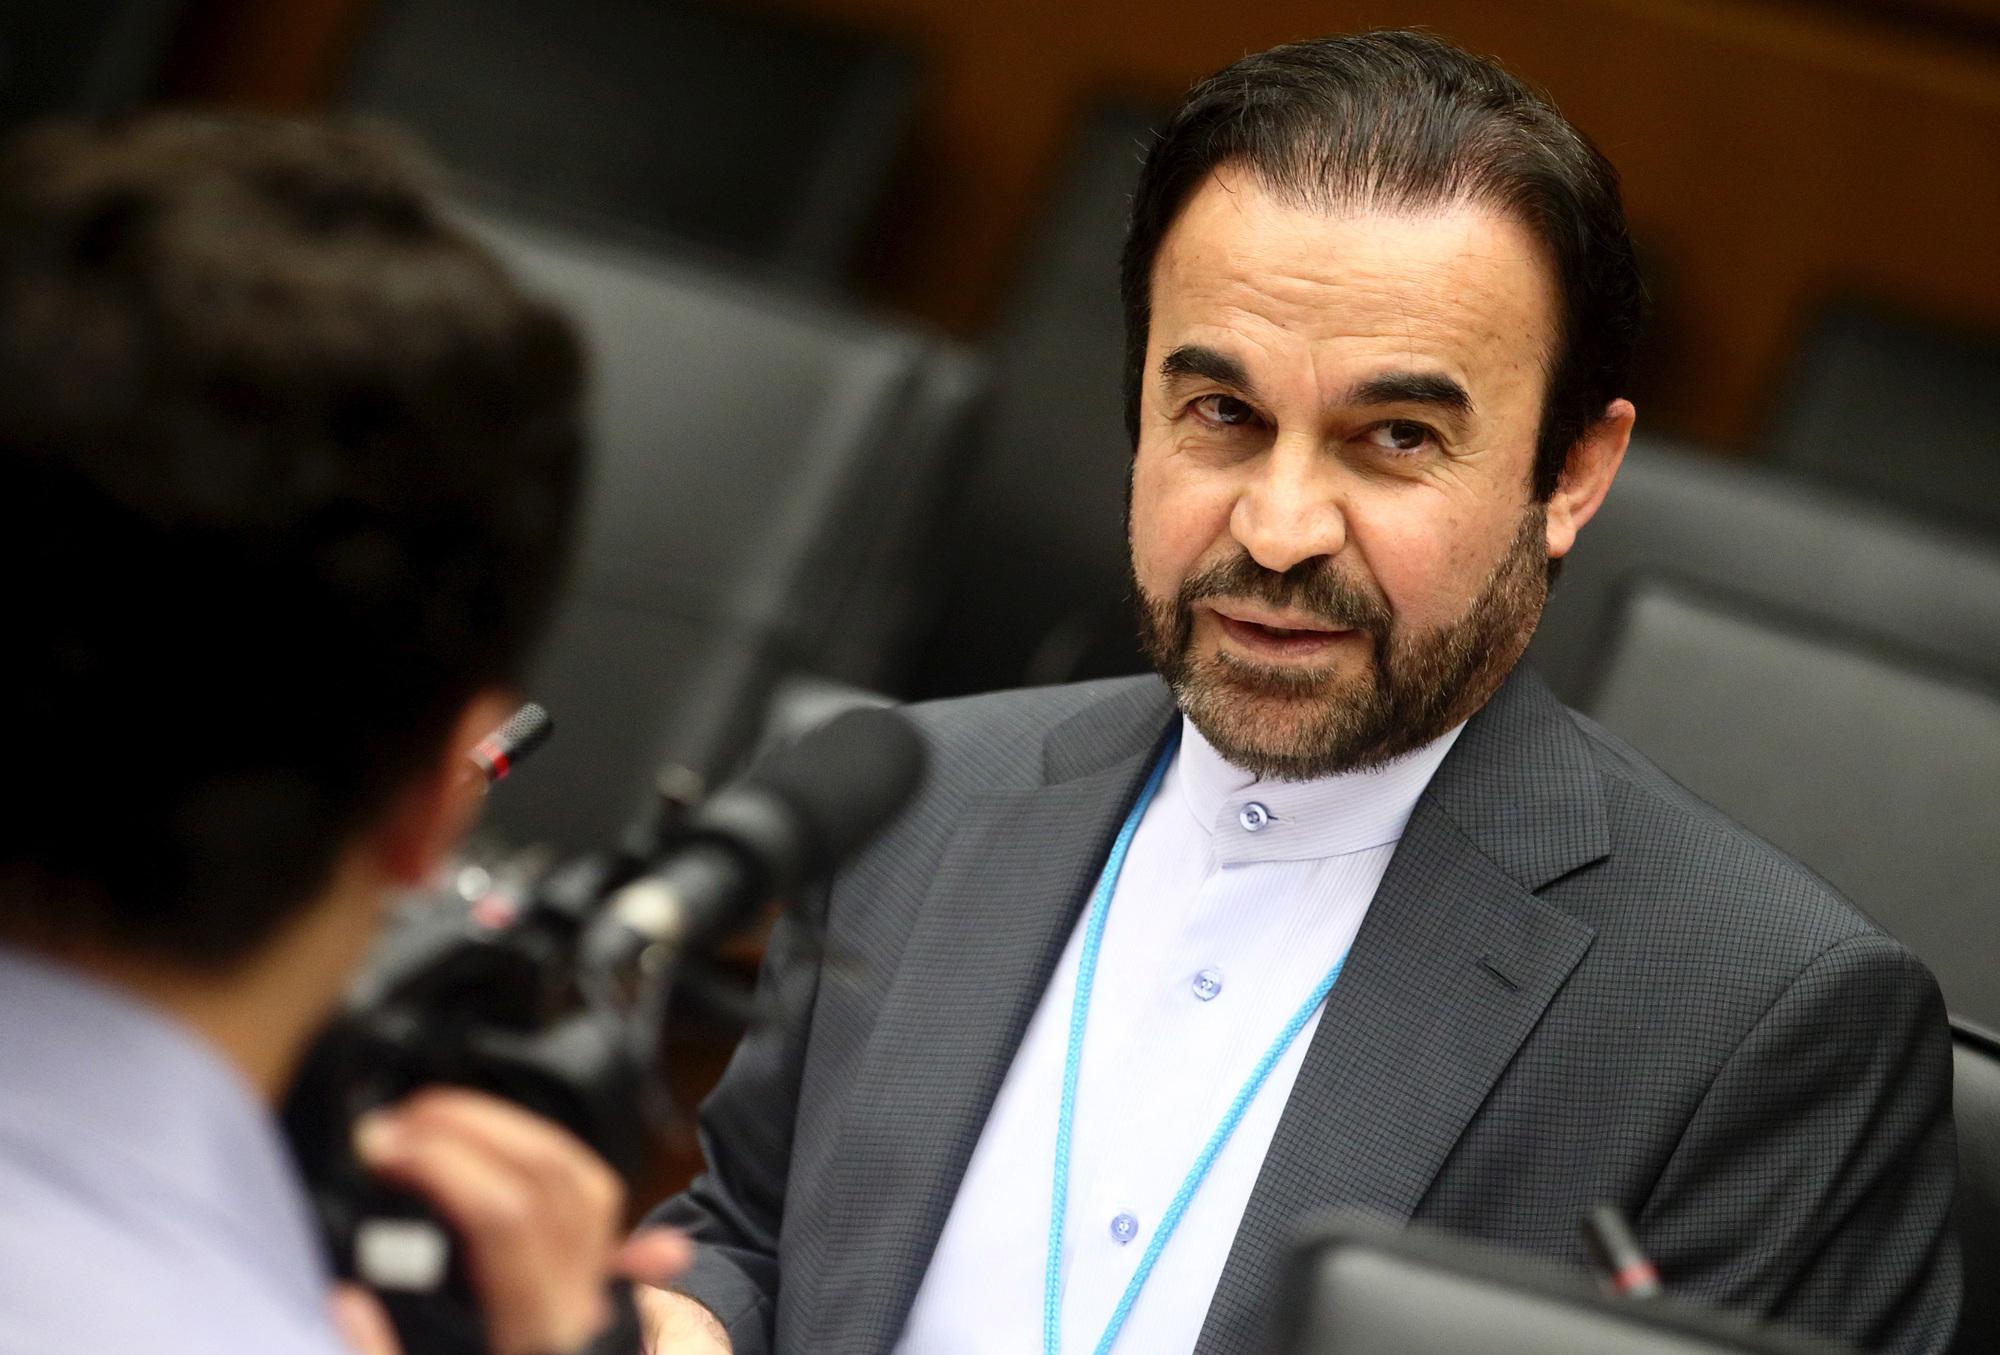 Reza Najafi est chargé au ministère iranien des Affaires étrangères des questions relatives à la paix et à la sécurité internationales.